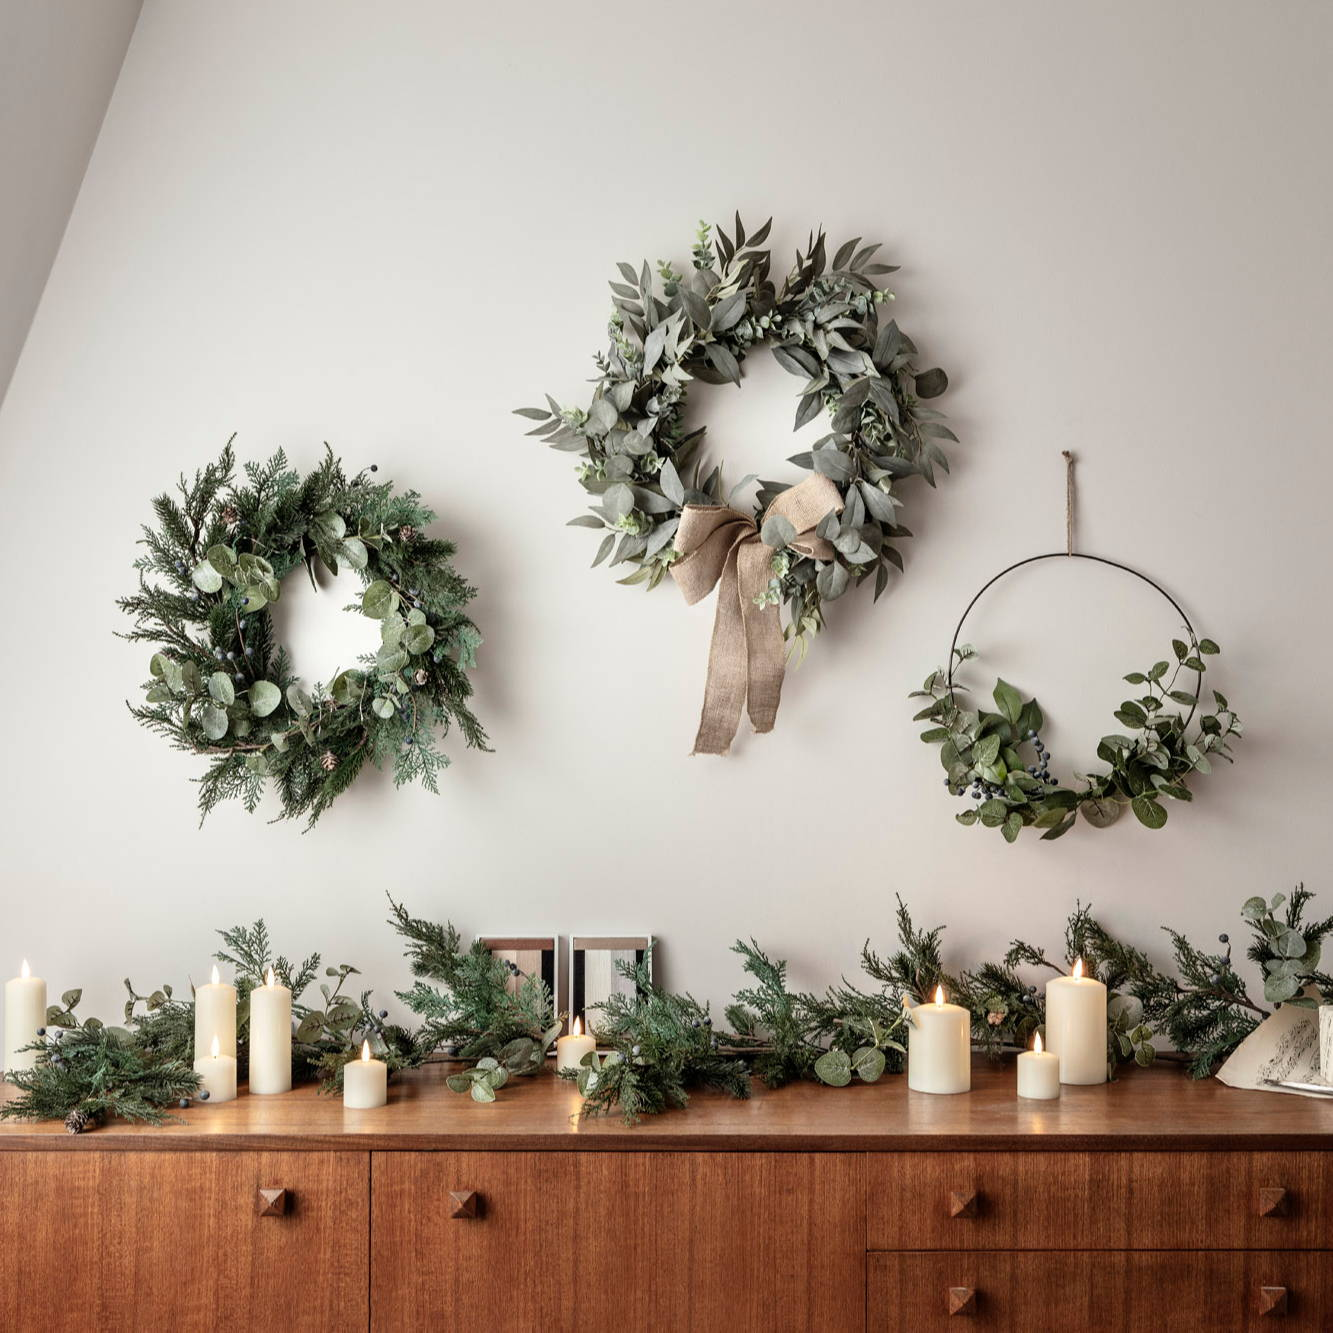 Weihnachtskränze an der Wand und Weihnachtsgirlanden auf dem Tisch